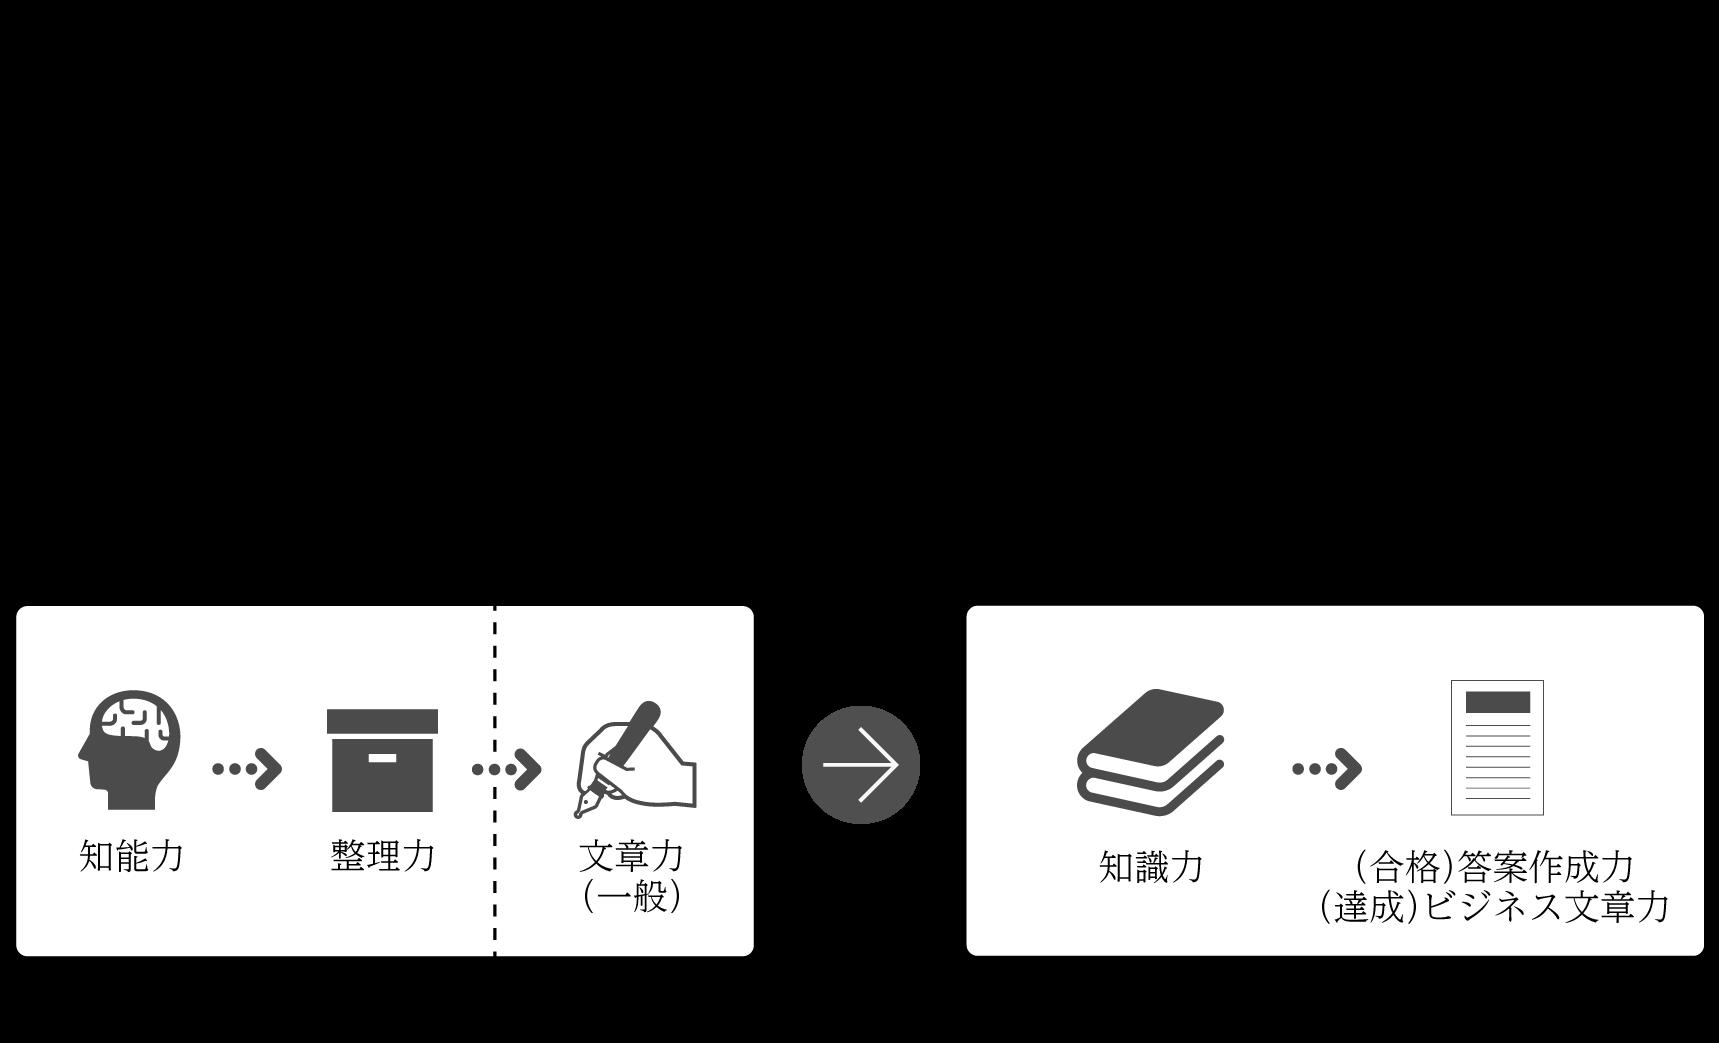 司法試験|予備試験|対策講座|日本文章術検定講座4級